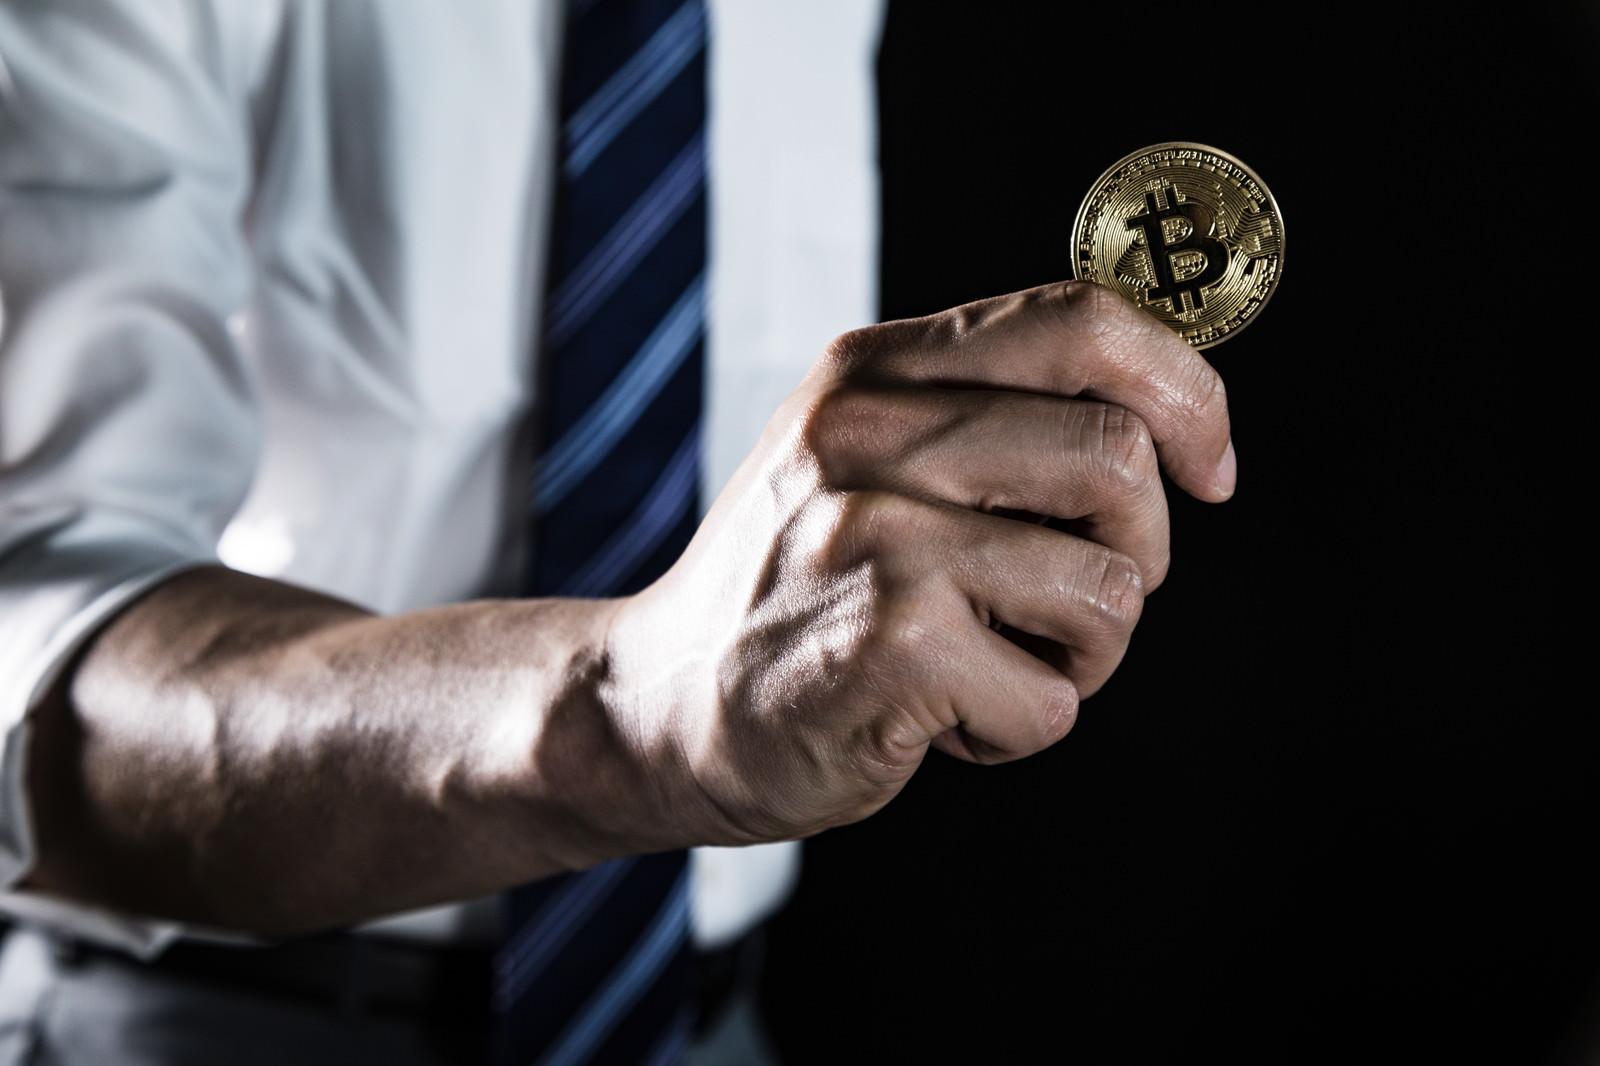 「ビットコインを具現化する能力者ビットコインを具現化する能力者」[モデル:大川竜弥]のフリー写真素材を拡大